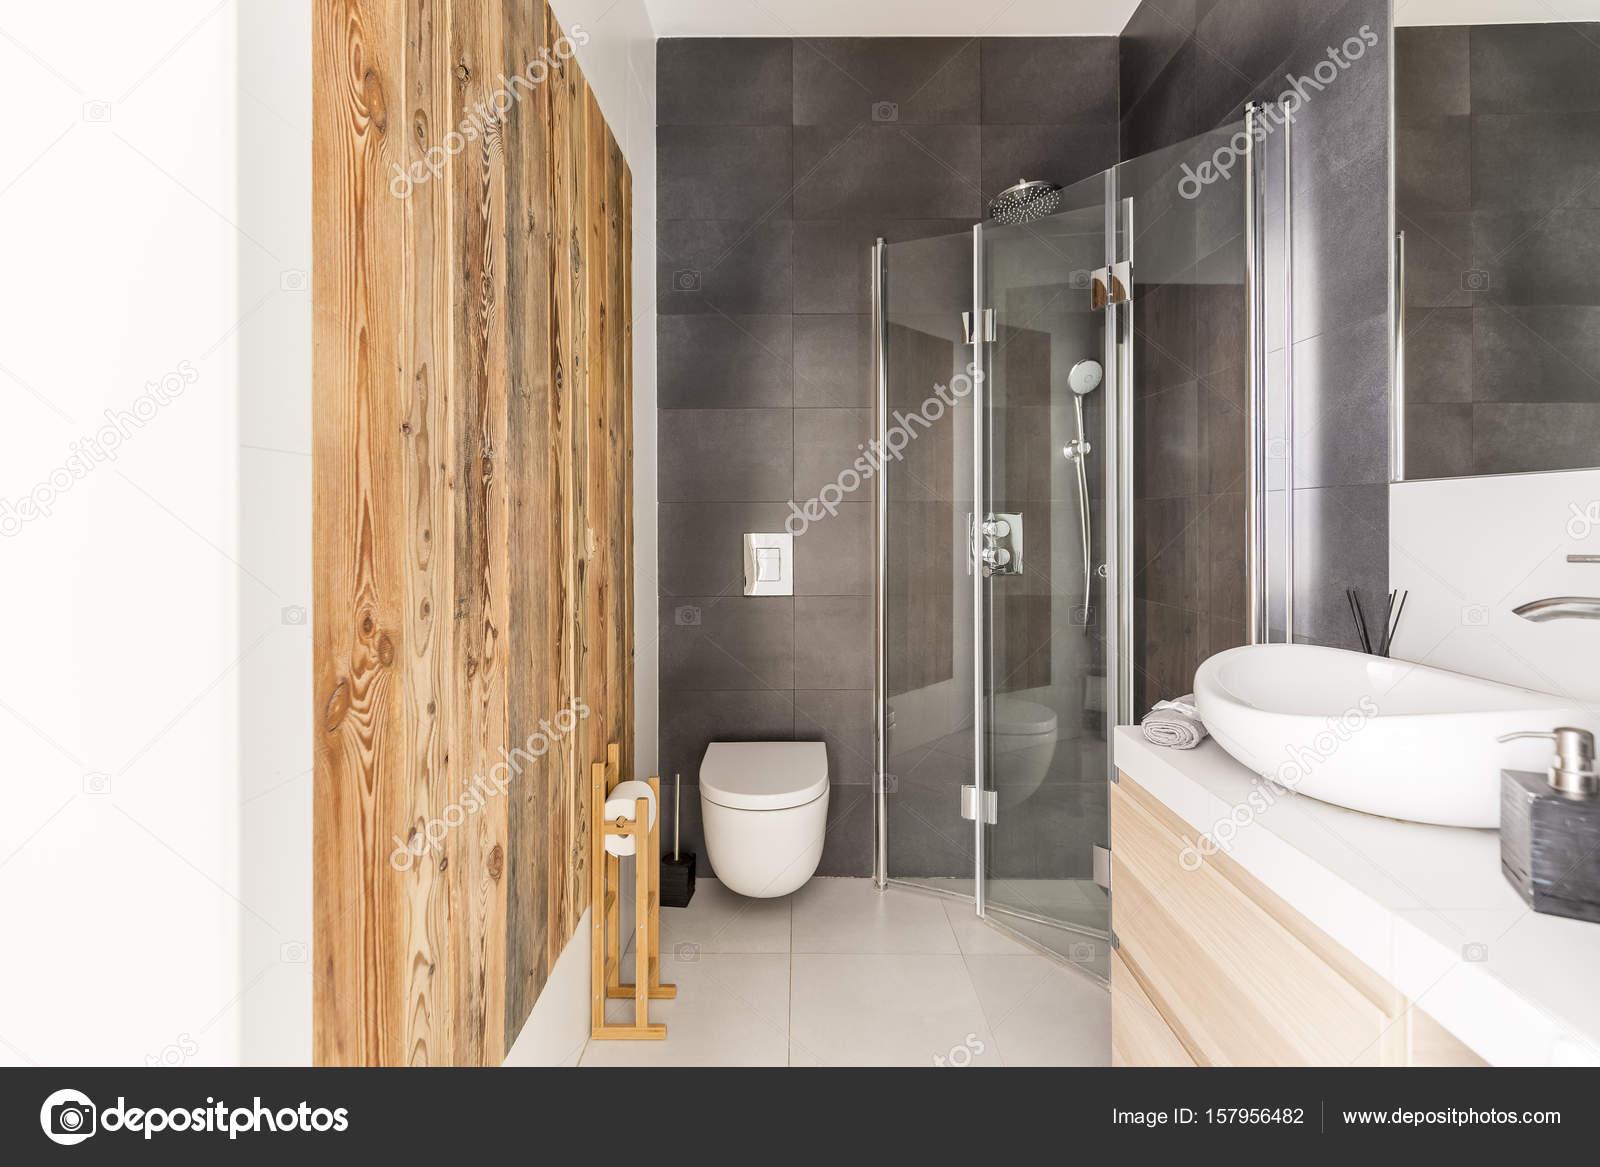 Bagno Legno Grezzo : Bagno di design con legno grezzo u2014 foto stock © photographee.eu